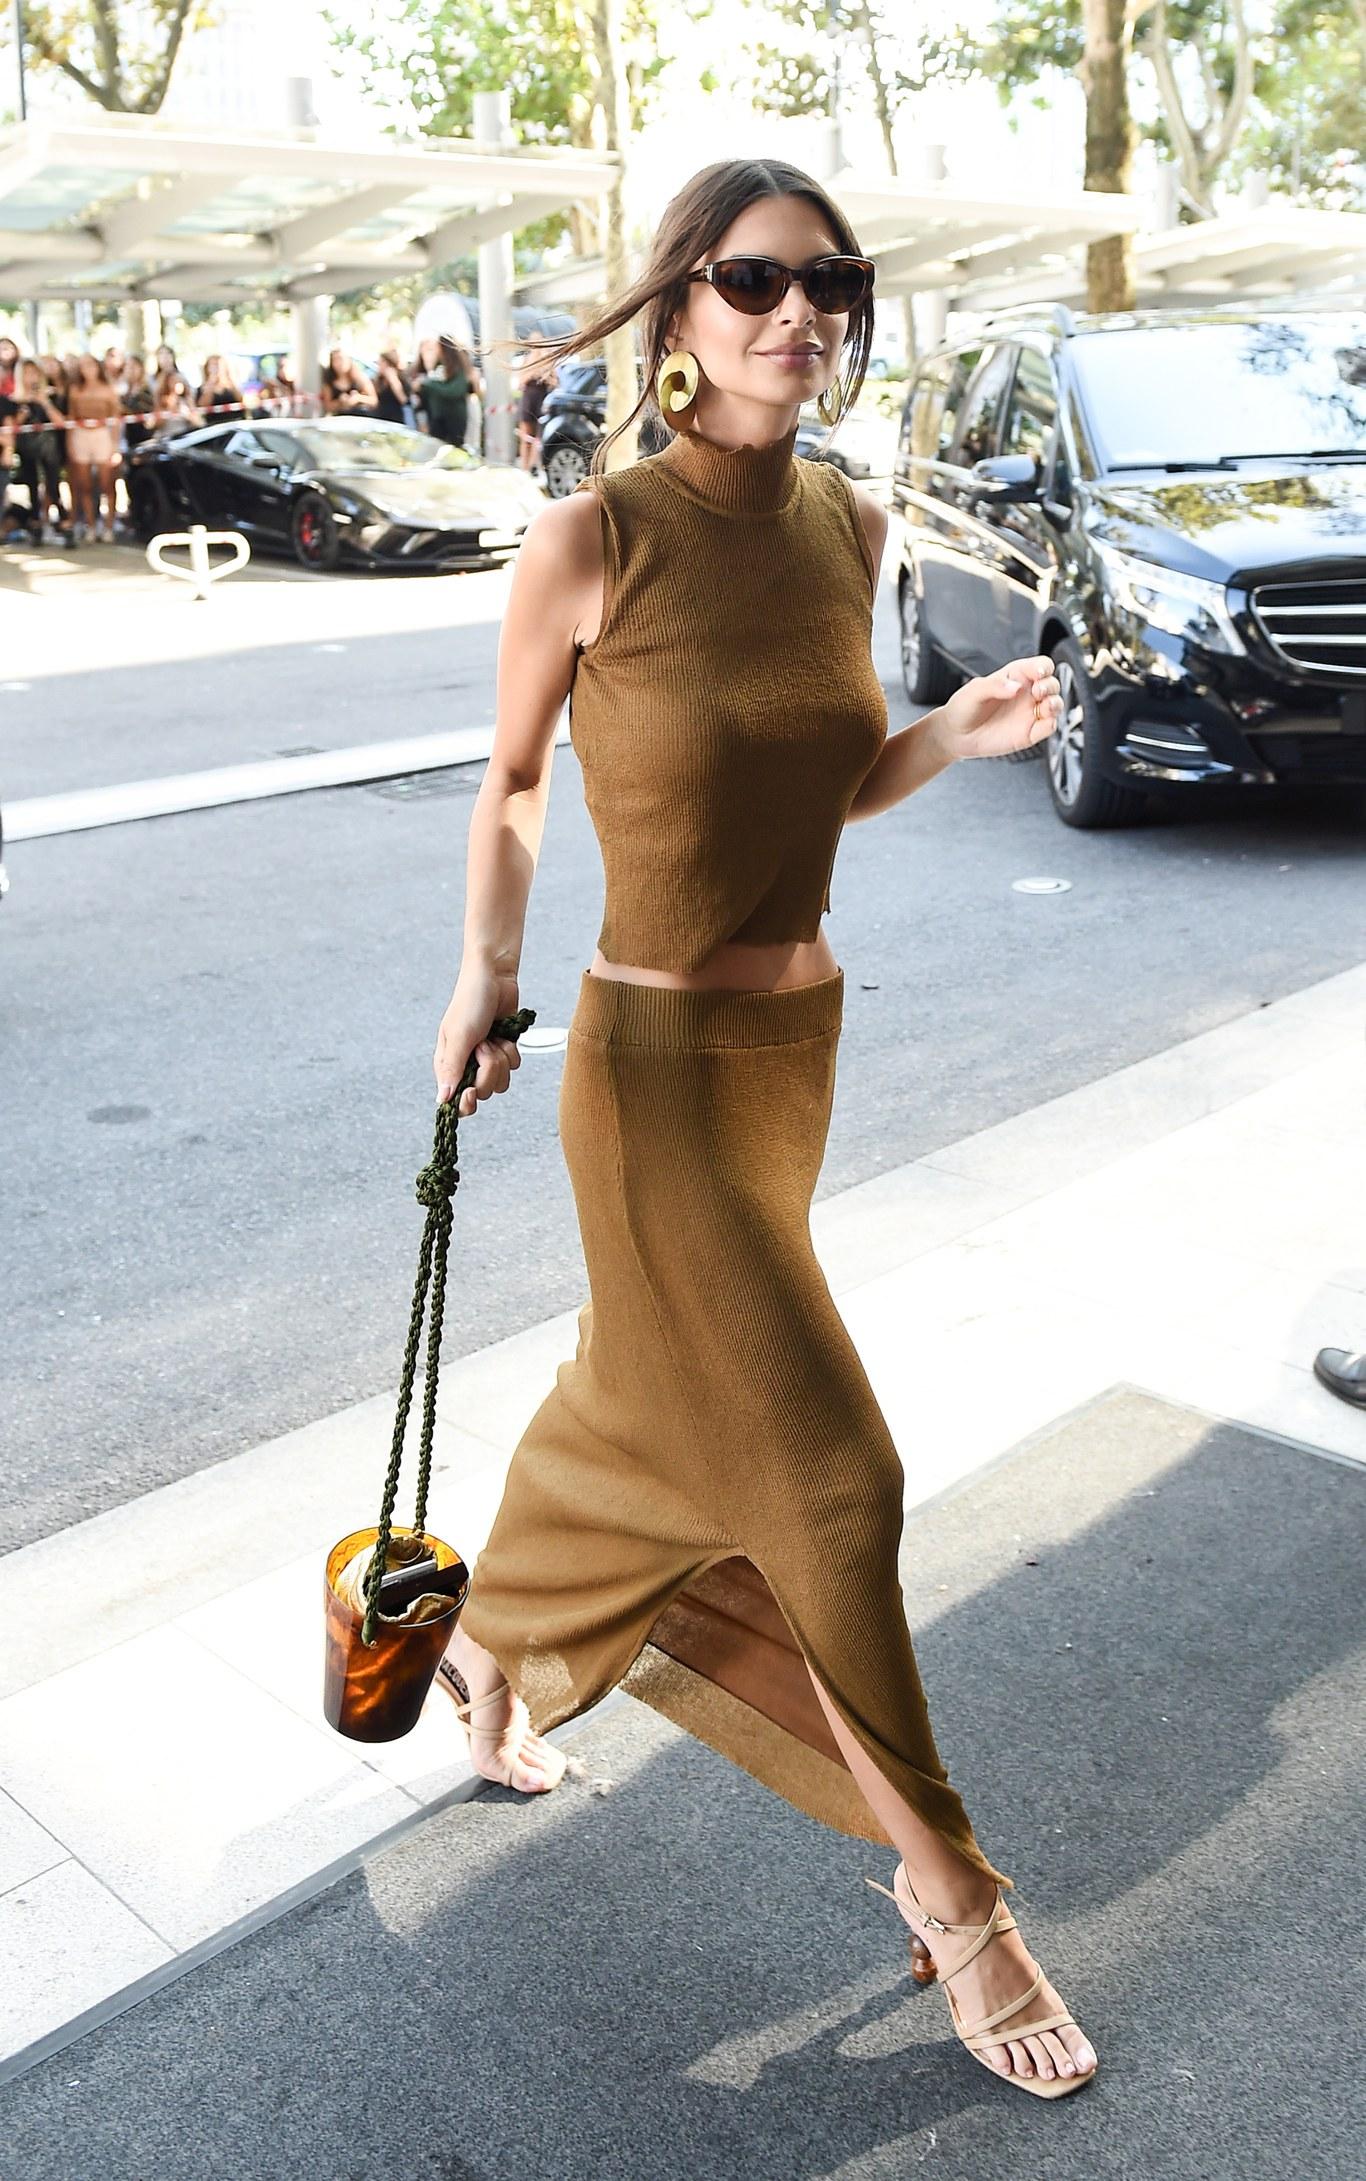 Moella con costume da sirena veste la borsa Zoe Print di Braccialini